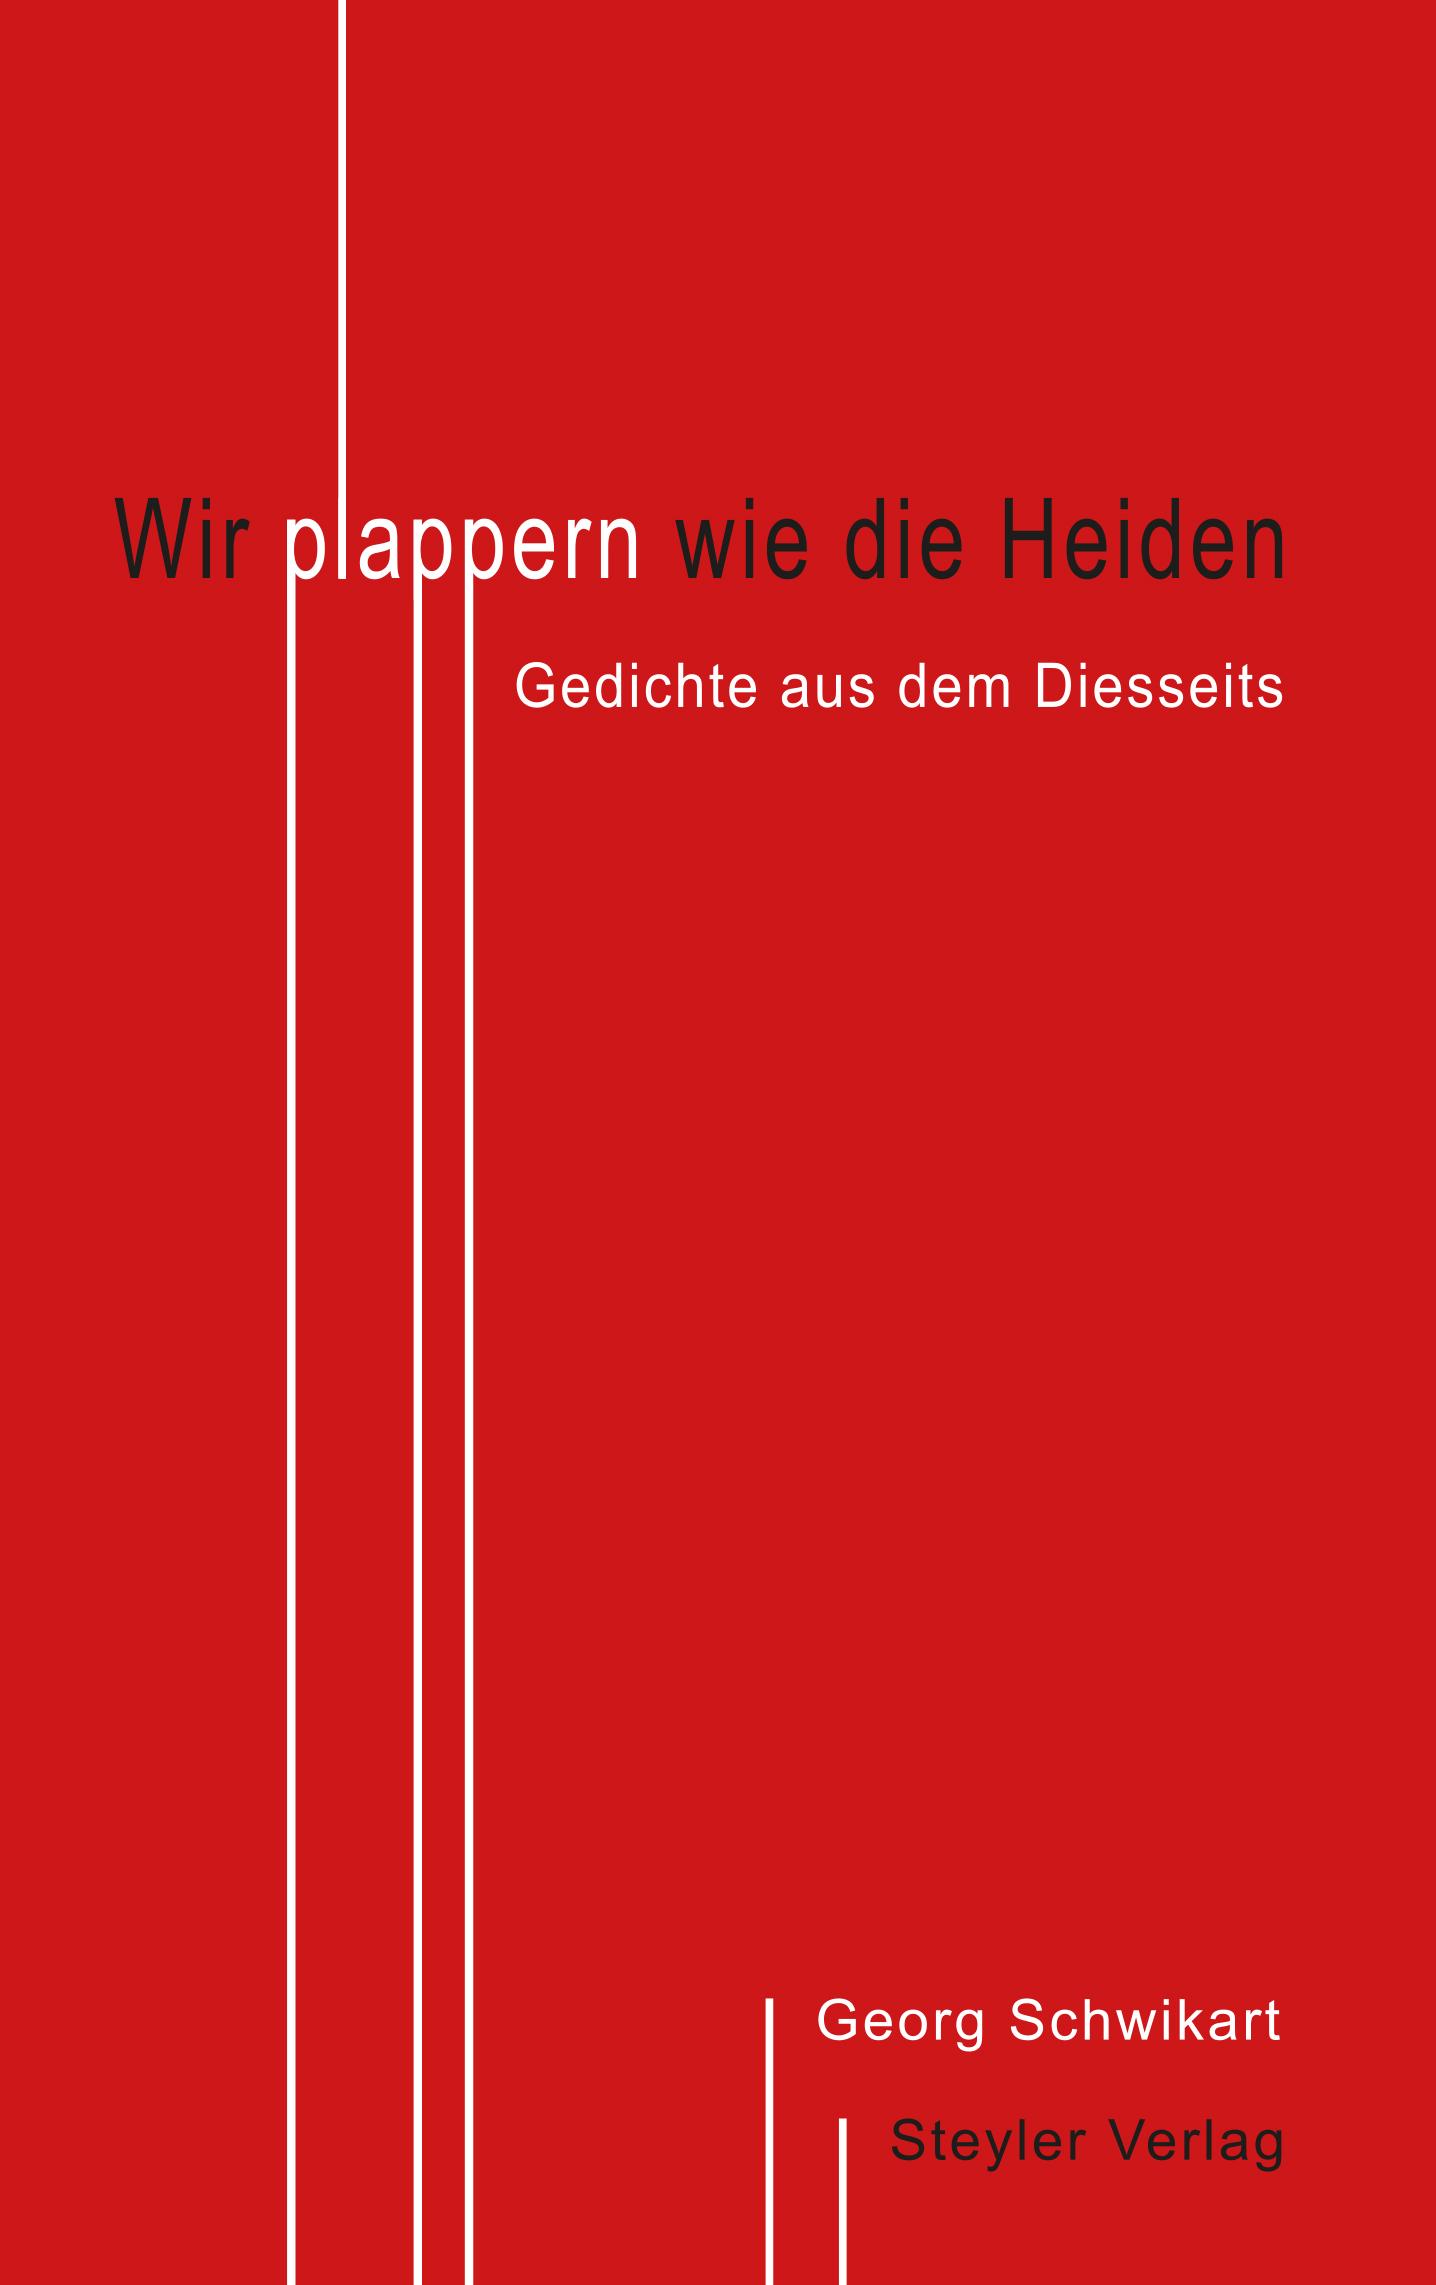 Rotes Cover, Texte in schwarz und weiß